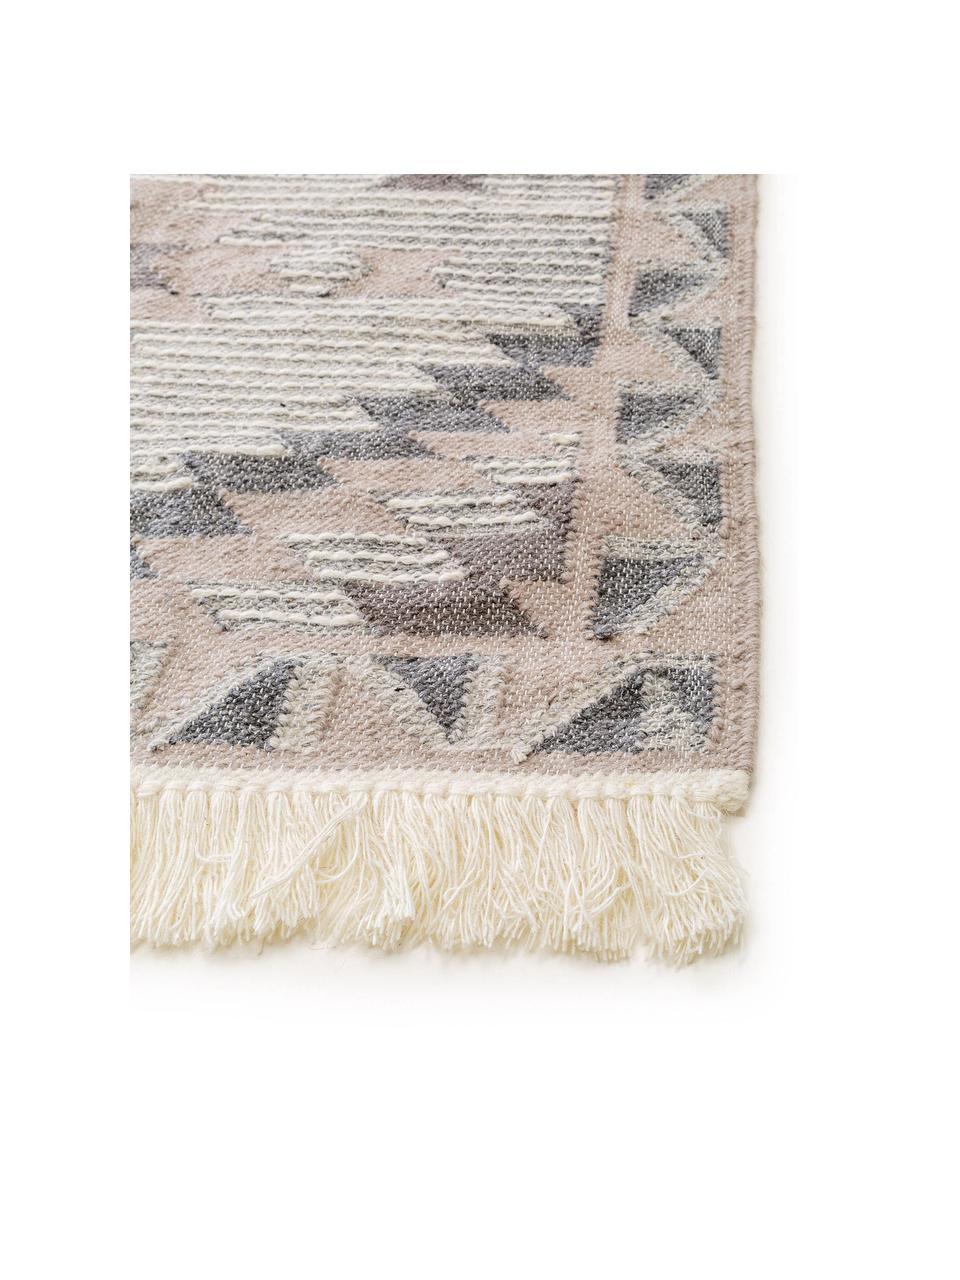 Ręcznie tkany dywan kilim Cari, 70% wełna, 30% poliester, Szary, S 80 x D 150 cm (Rozmiar XS)